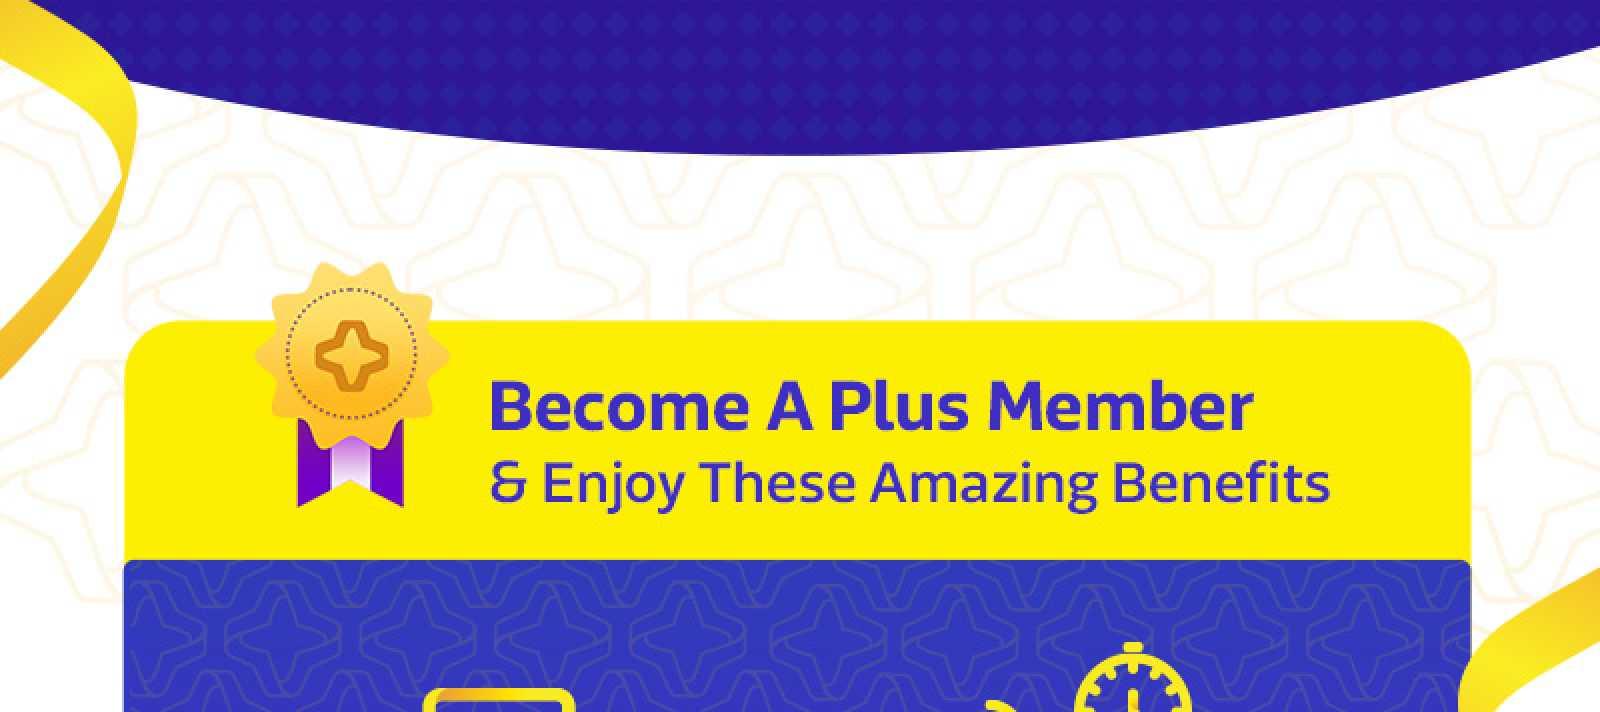 Flipkart Plus – The Ultimate Rewards Program for Flipkart